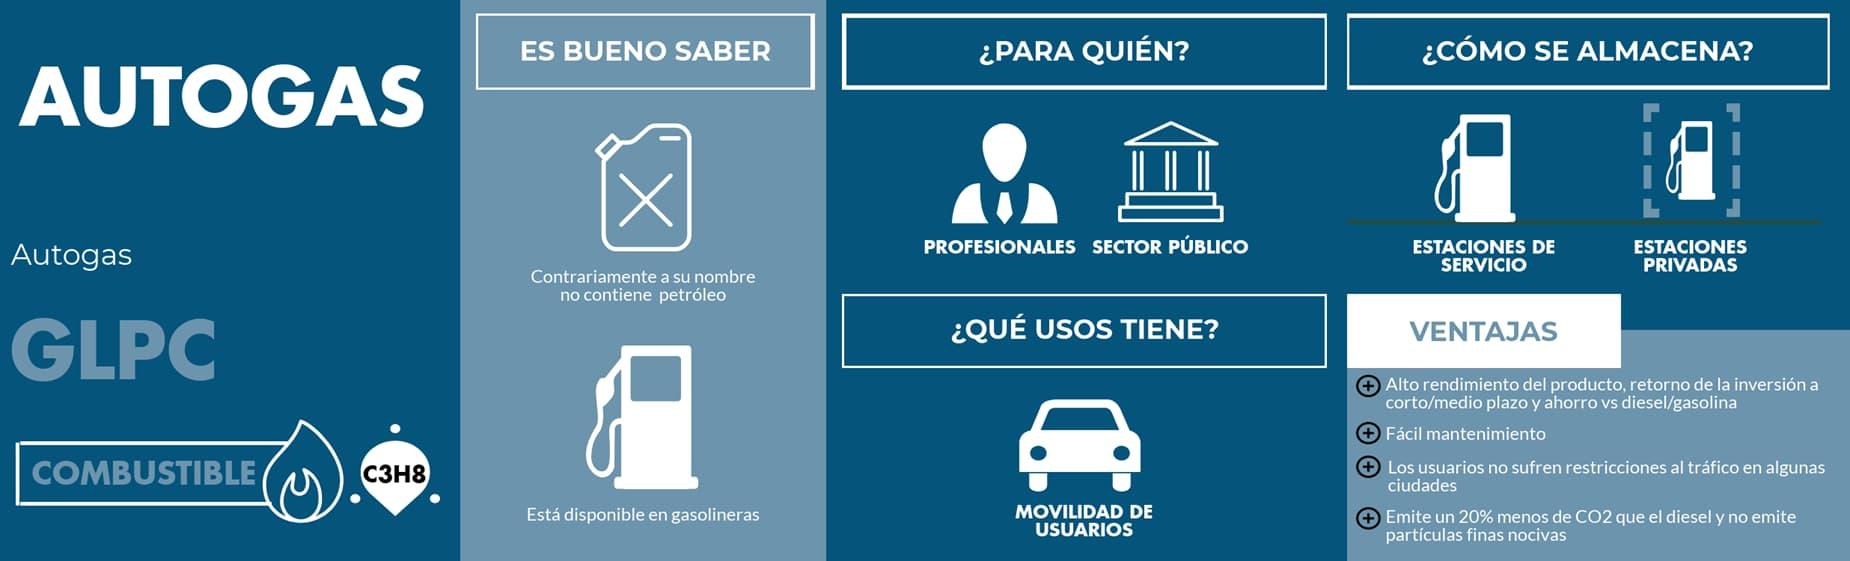 Infografía Autogas